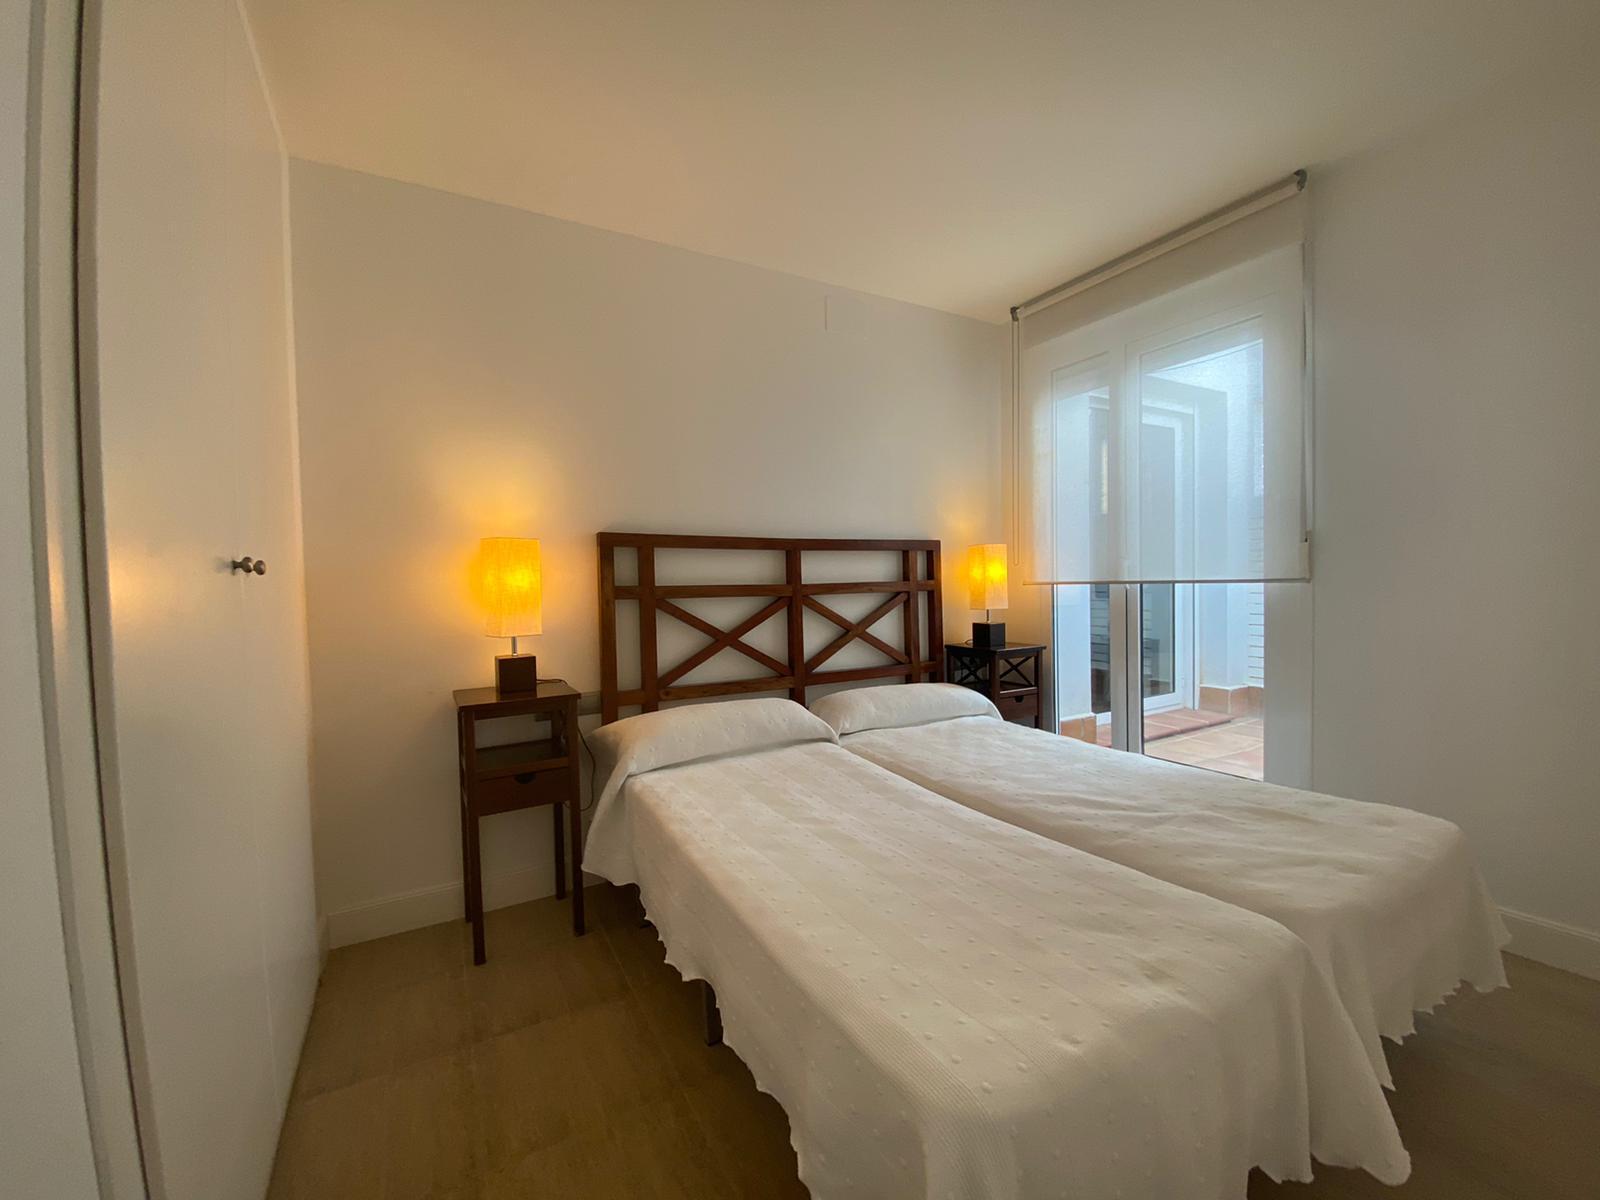 Imagen 18 del Apartamento Turístico, Ático 6 Central (3d+2b), Punta del Moral (HUELVA), Paseo de la Cruz nº22